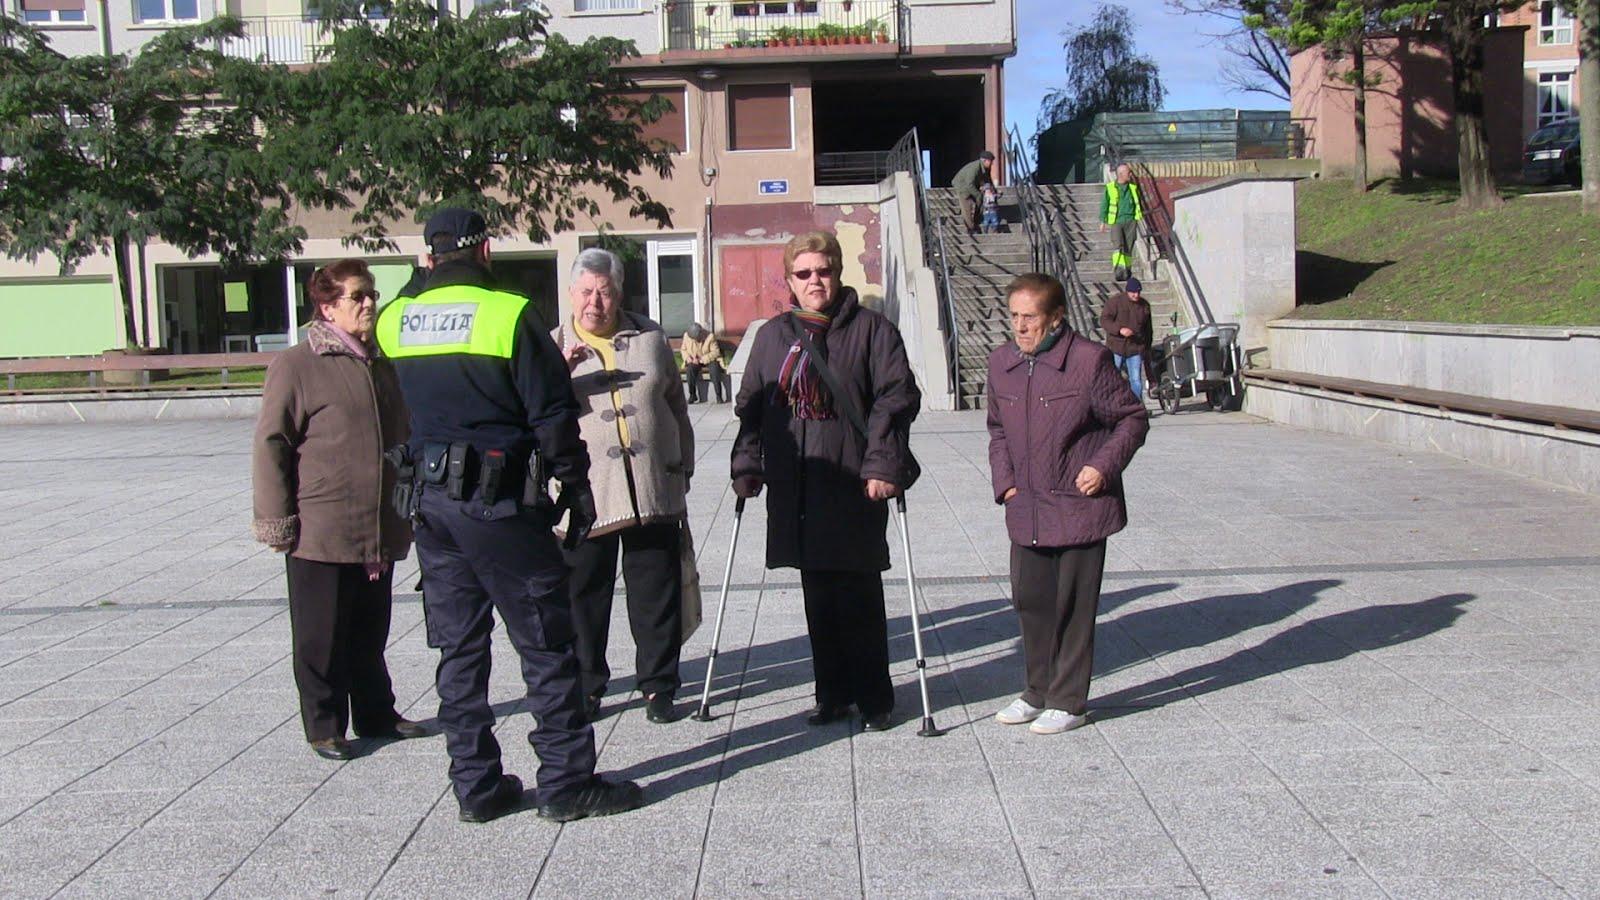 El Ayuntamiento de Errenteria se ratifica en el objetivo de mejorar la seguridad ciudadana